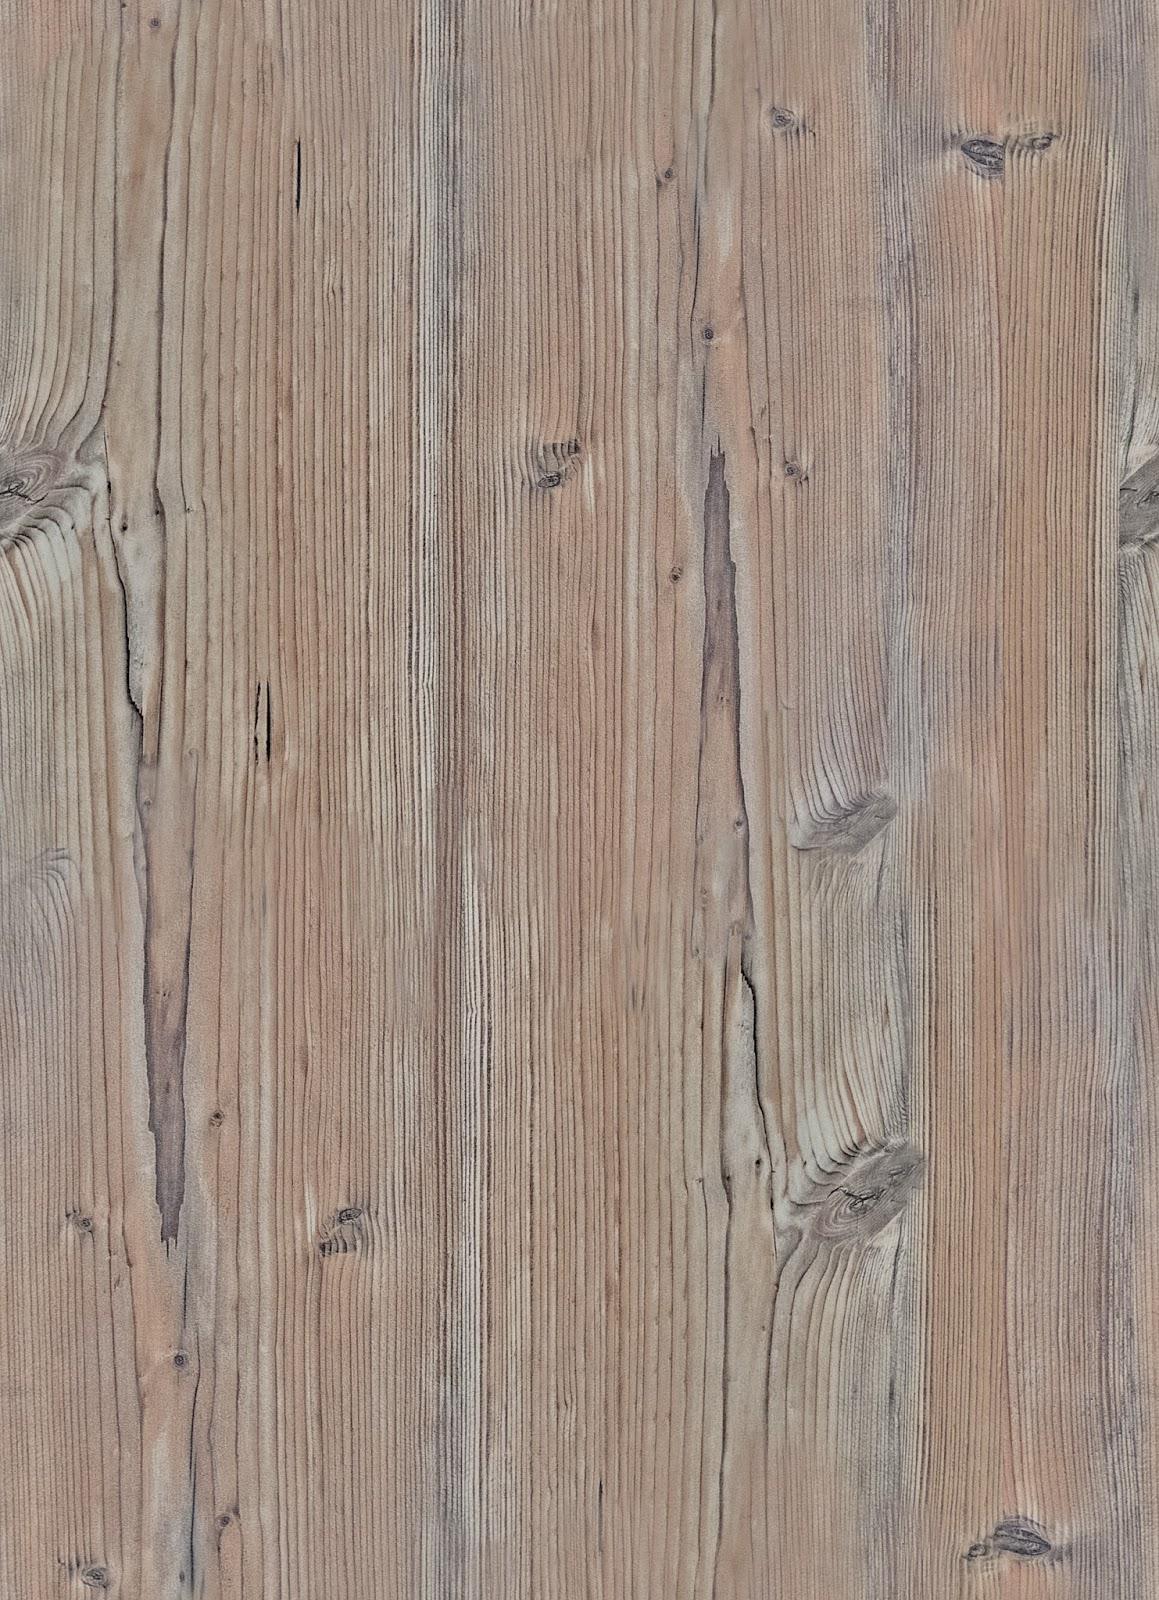 White Laminate Texture